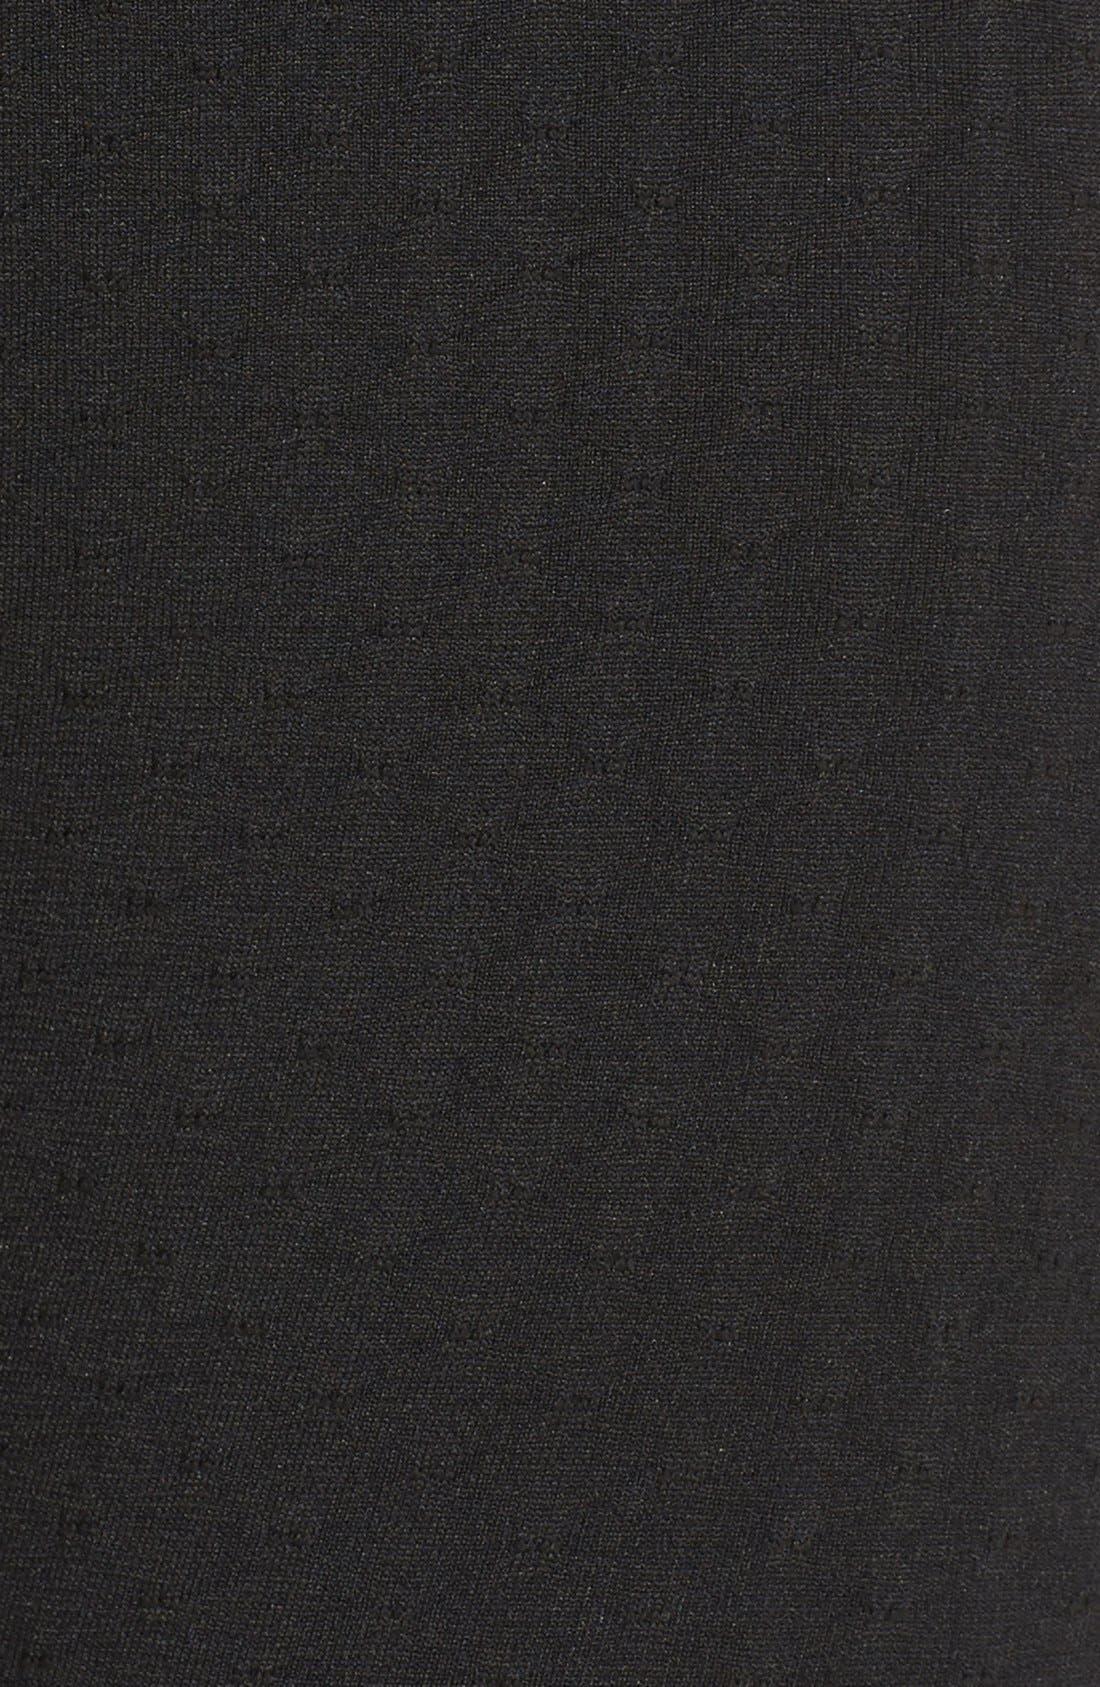 'Trail Blazer' High Waist Leggings,                             Alternate thumbnail 5, color,                             Black Melange